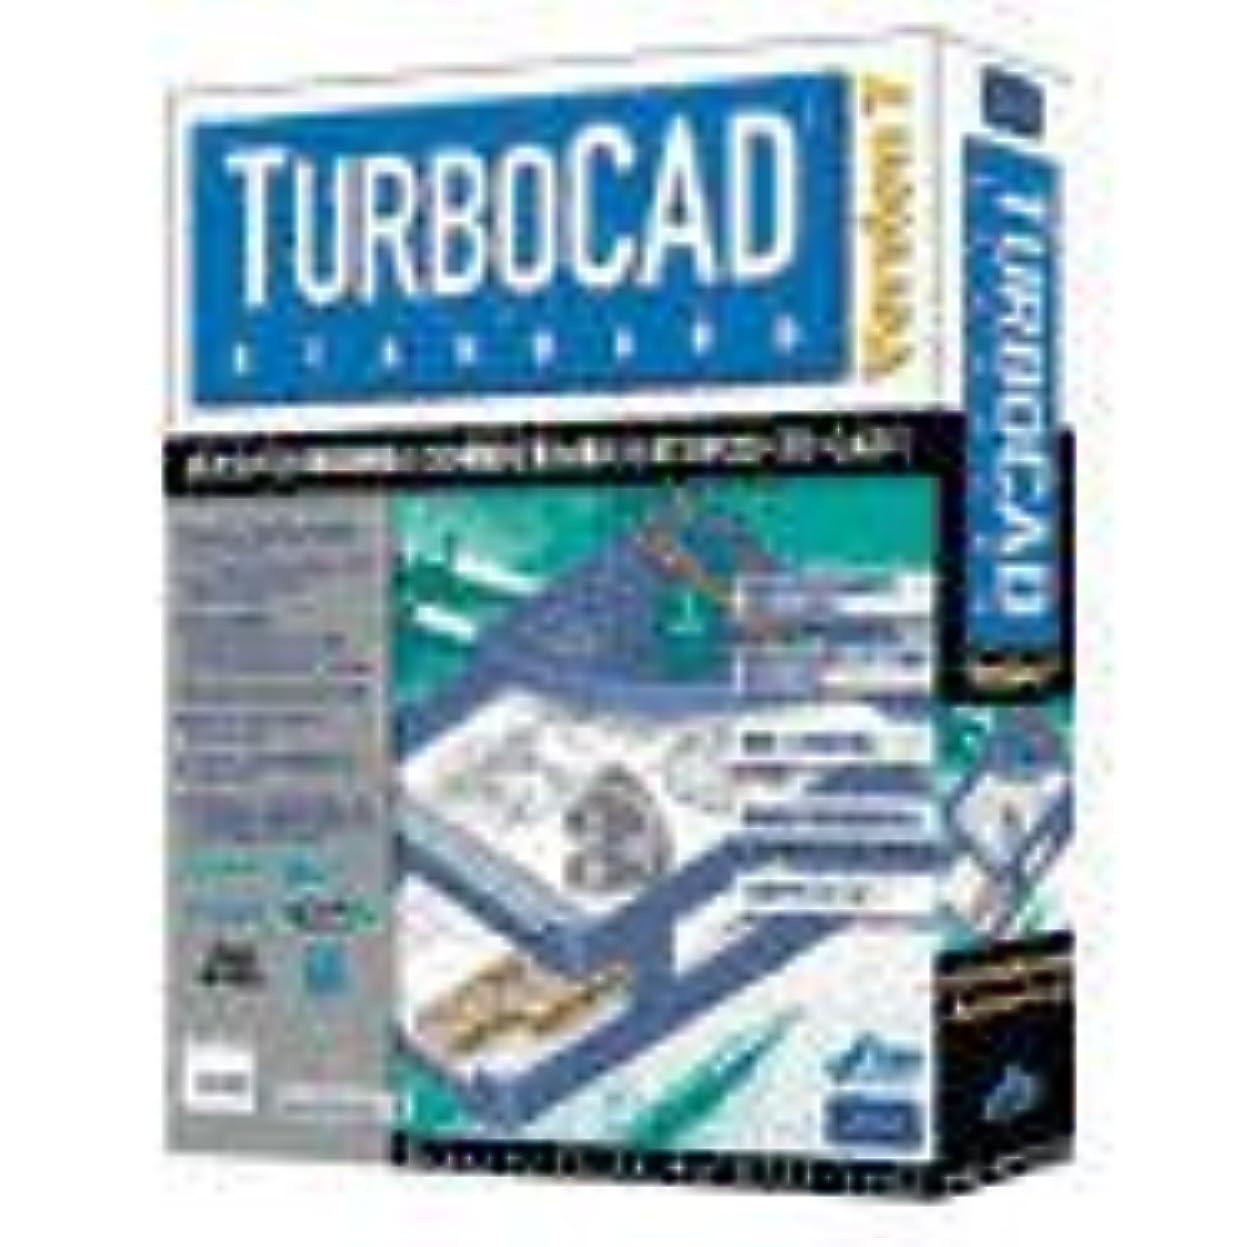 変形解凍する、雪解け、霜解け命令TurboCAD V7 Standard